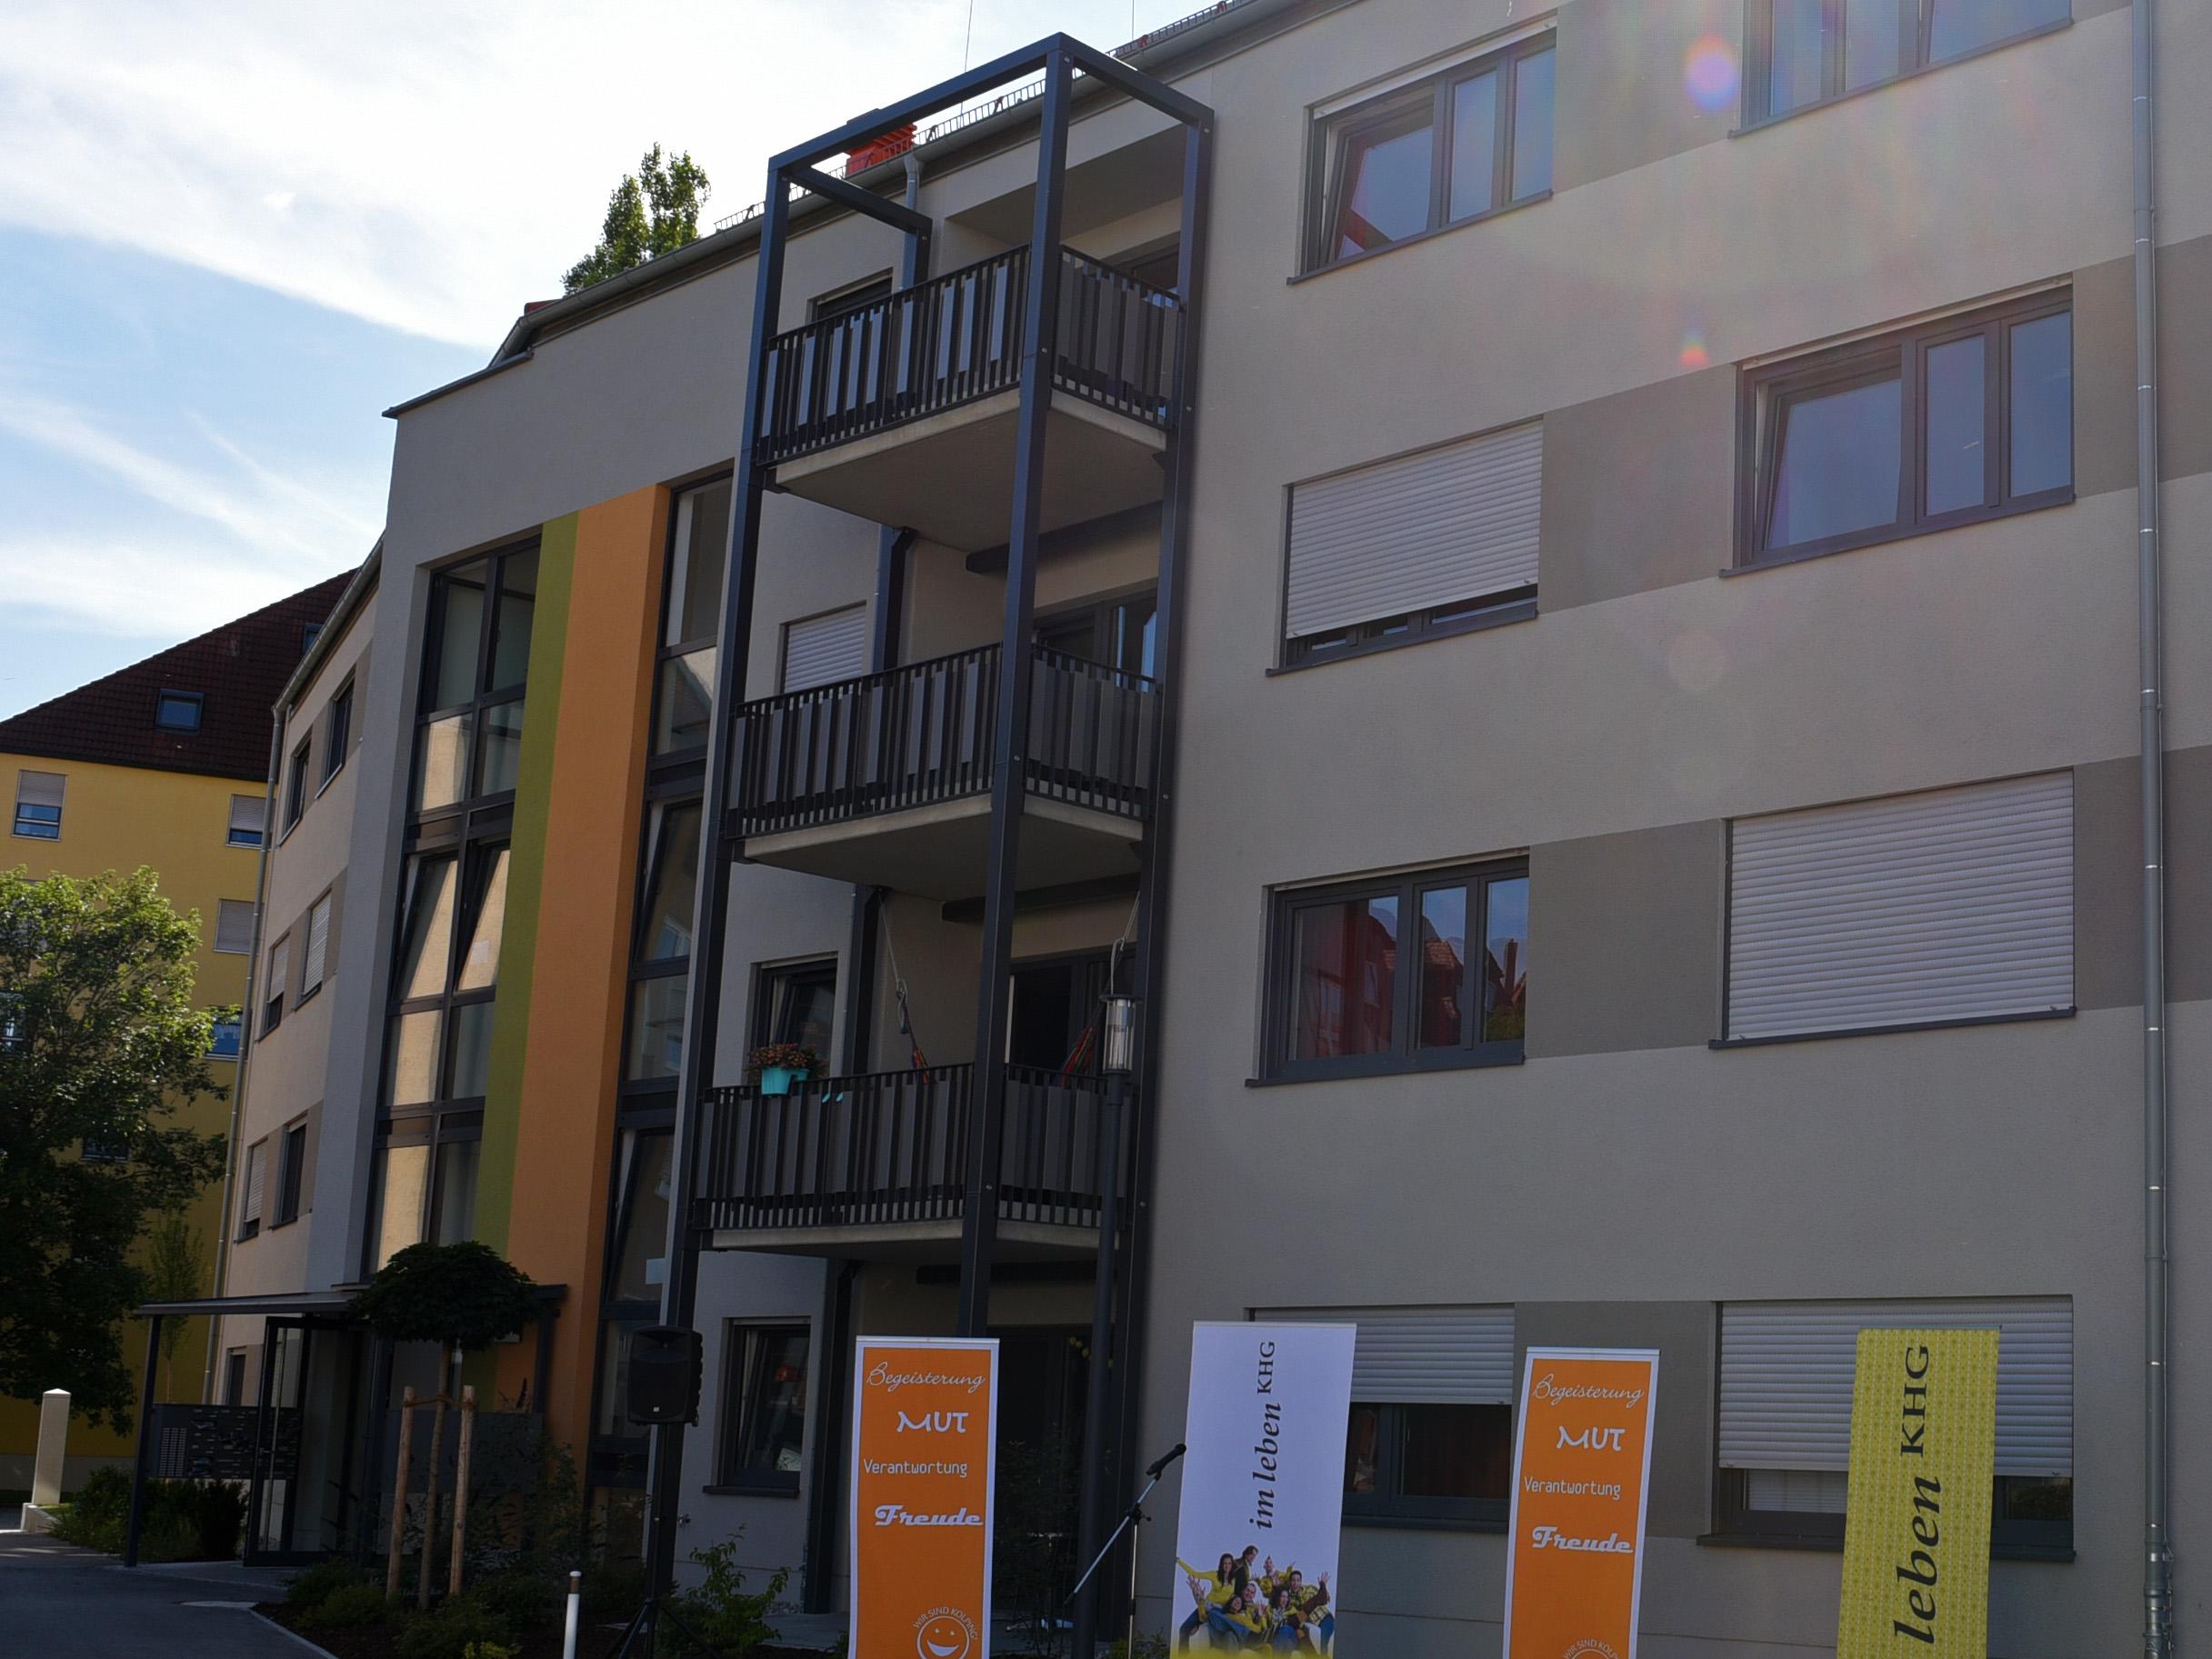 Der neue Anbau bietet Wohnraum für 54 Studierende. (Foto: Simone Zwikirsch/pba)